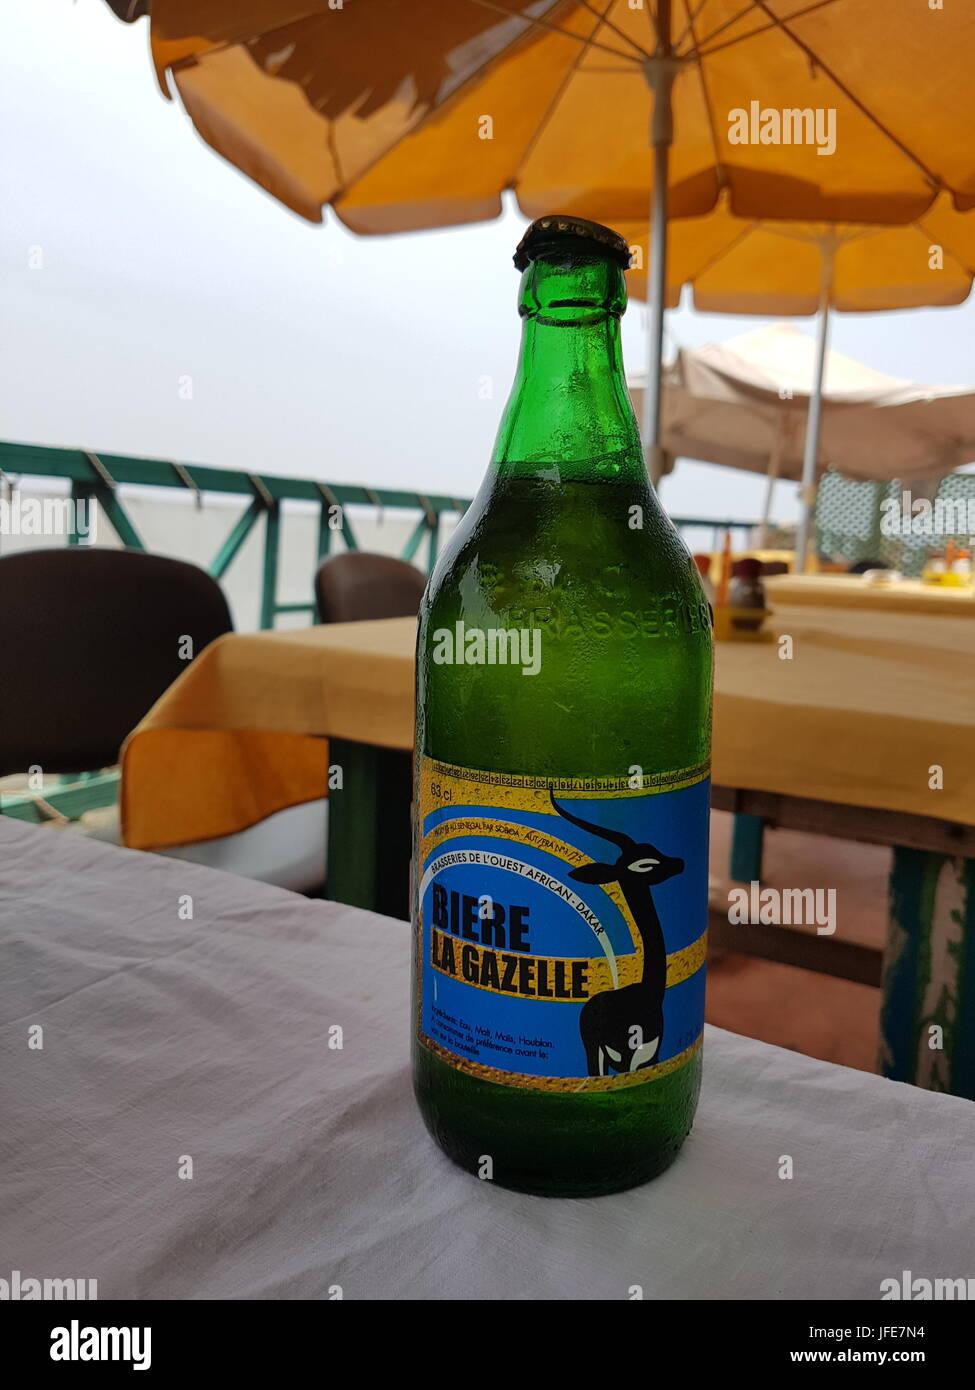 Bottle of Biere La Gazelle, Senegalese Beer Stock Photo - Alamy